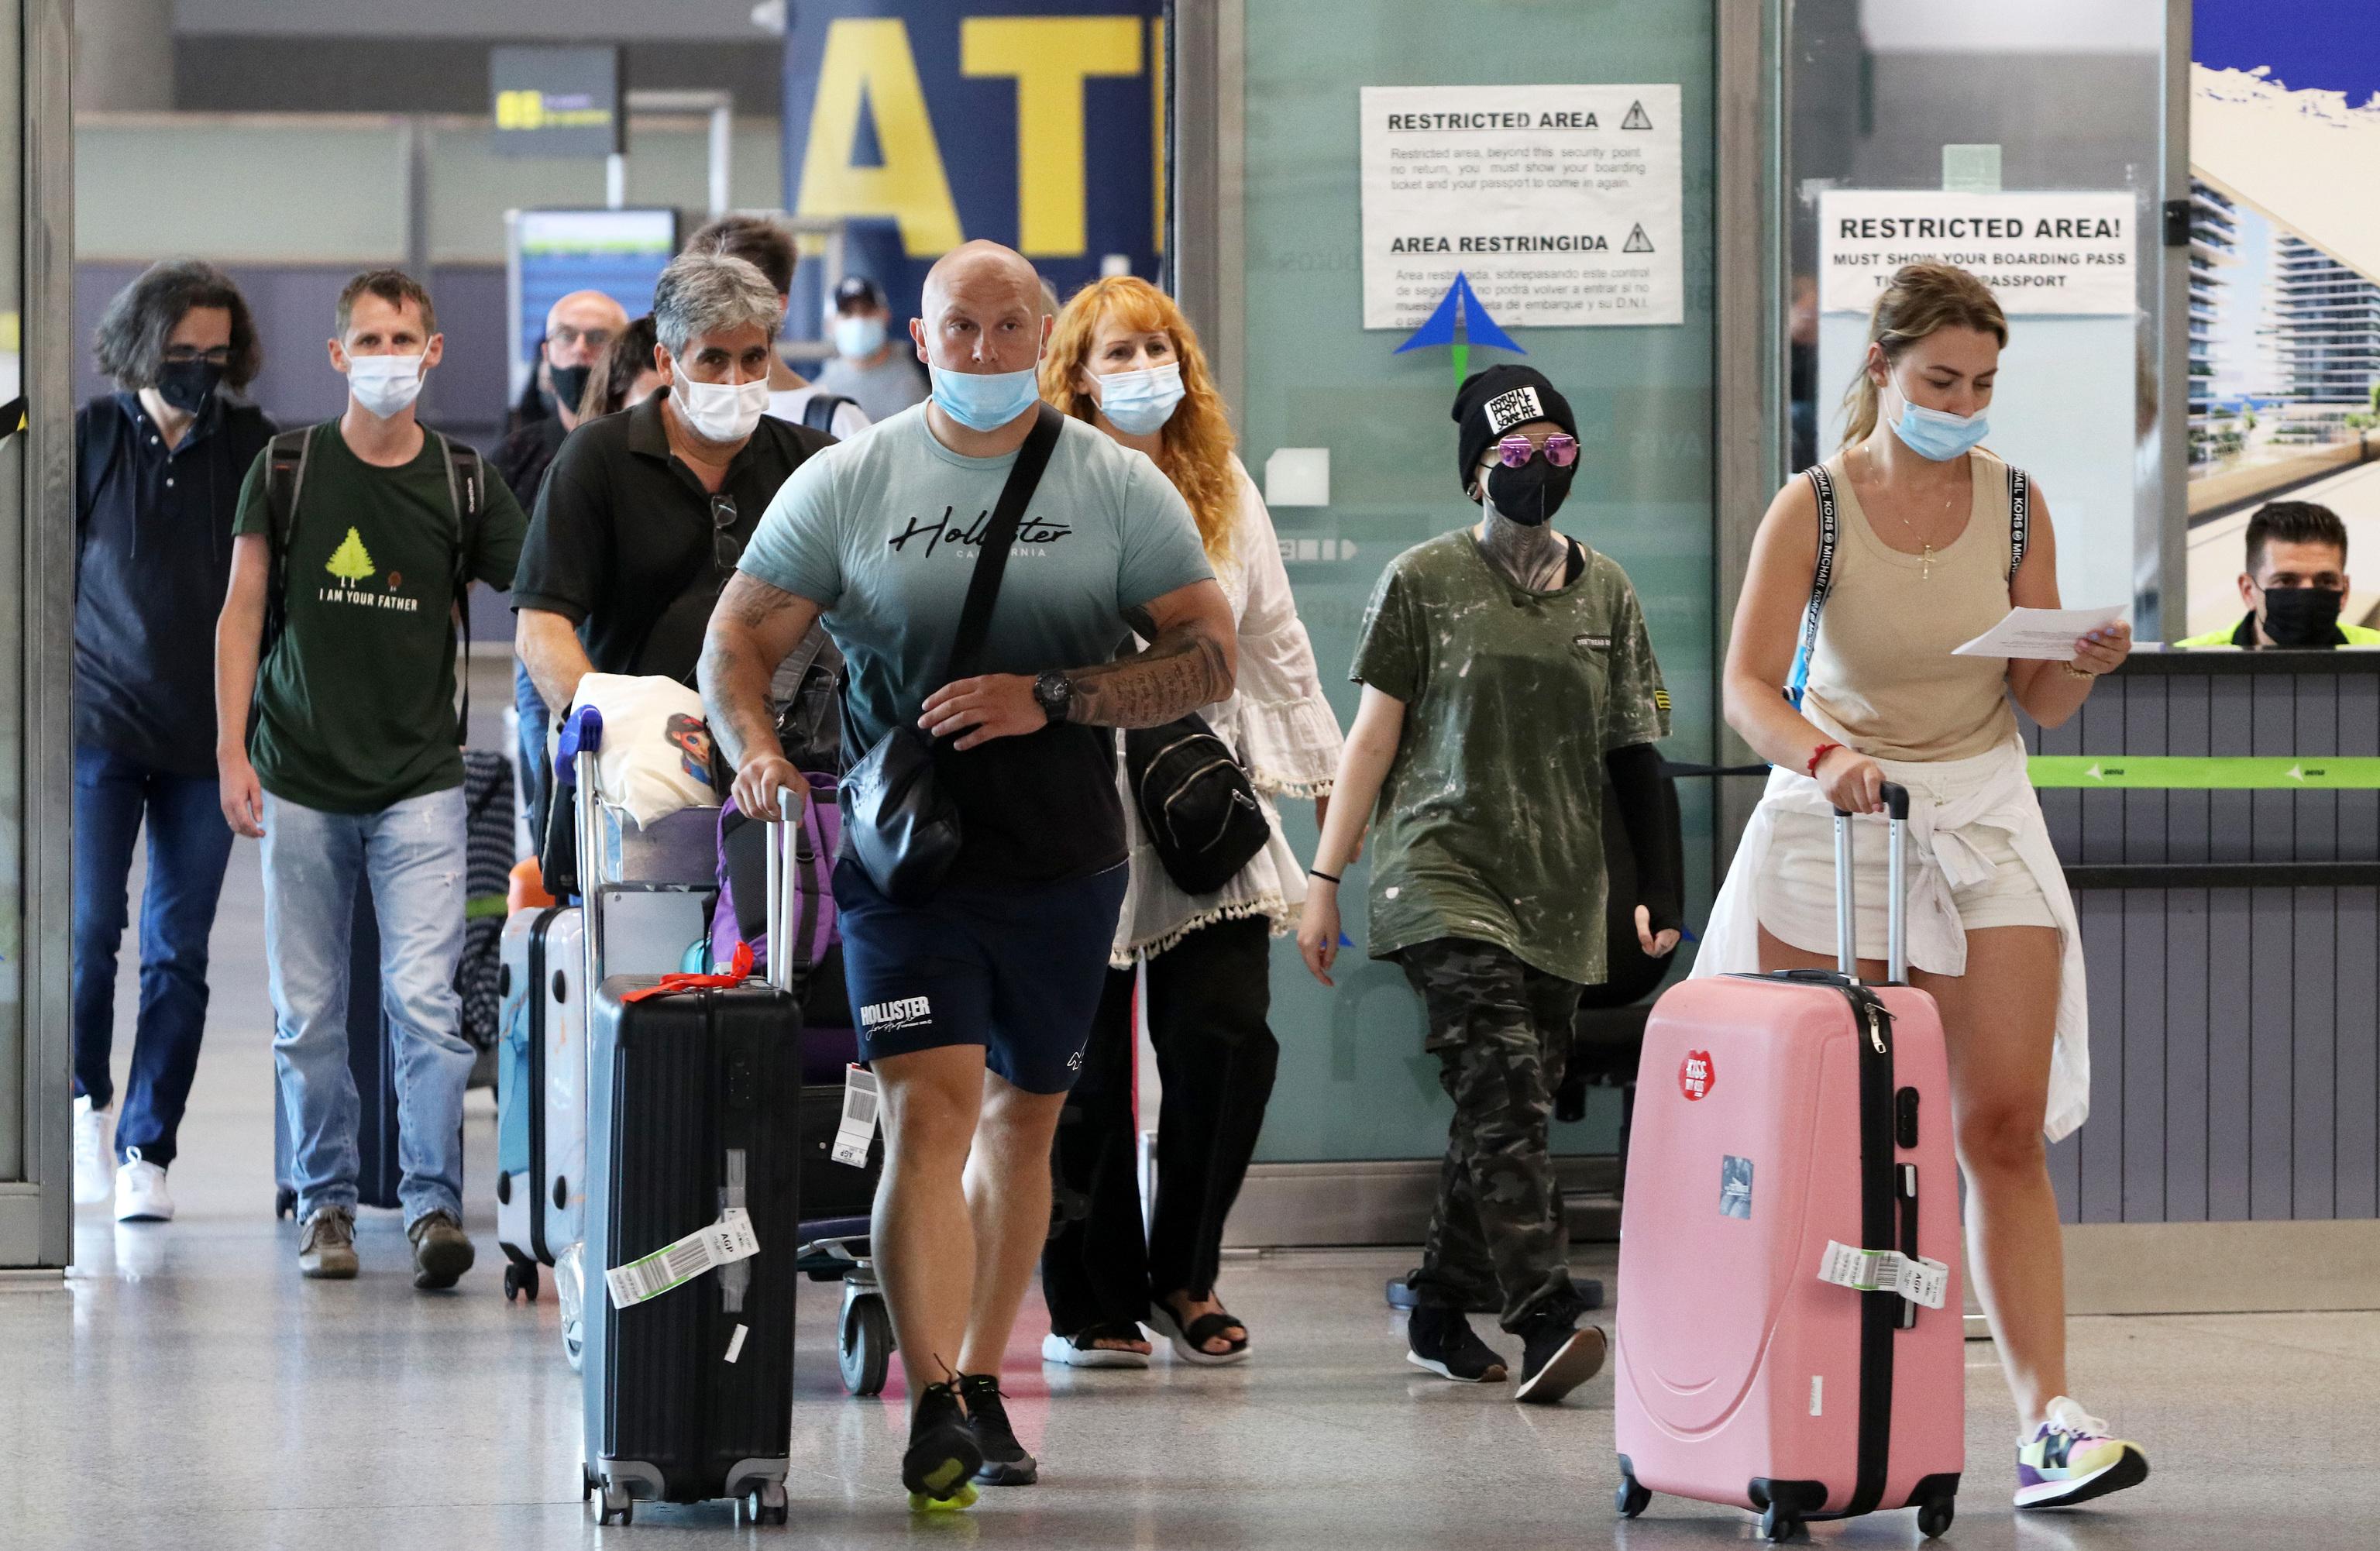 Llegada masiva de turistas de varias nacionalidades al aeropuerto de la capital para disfrutar del verano en la Costa del Sol, a 19 de julio de 2021, en Málaga